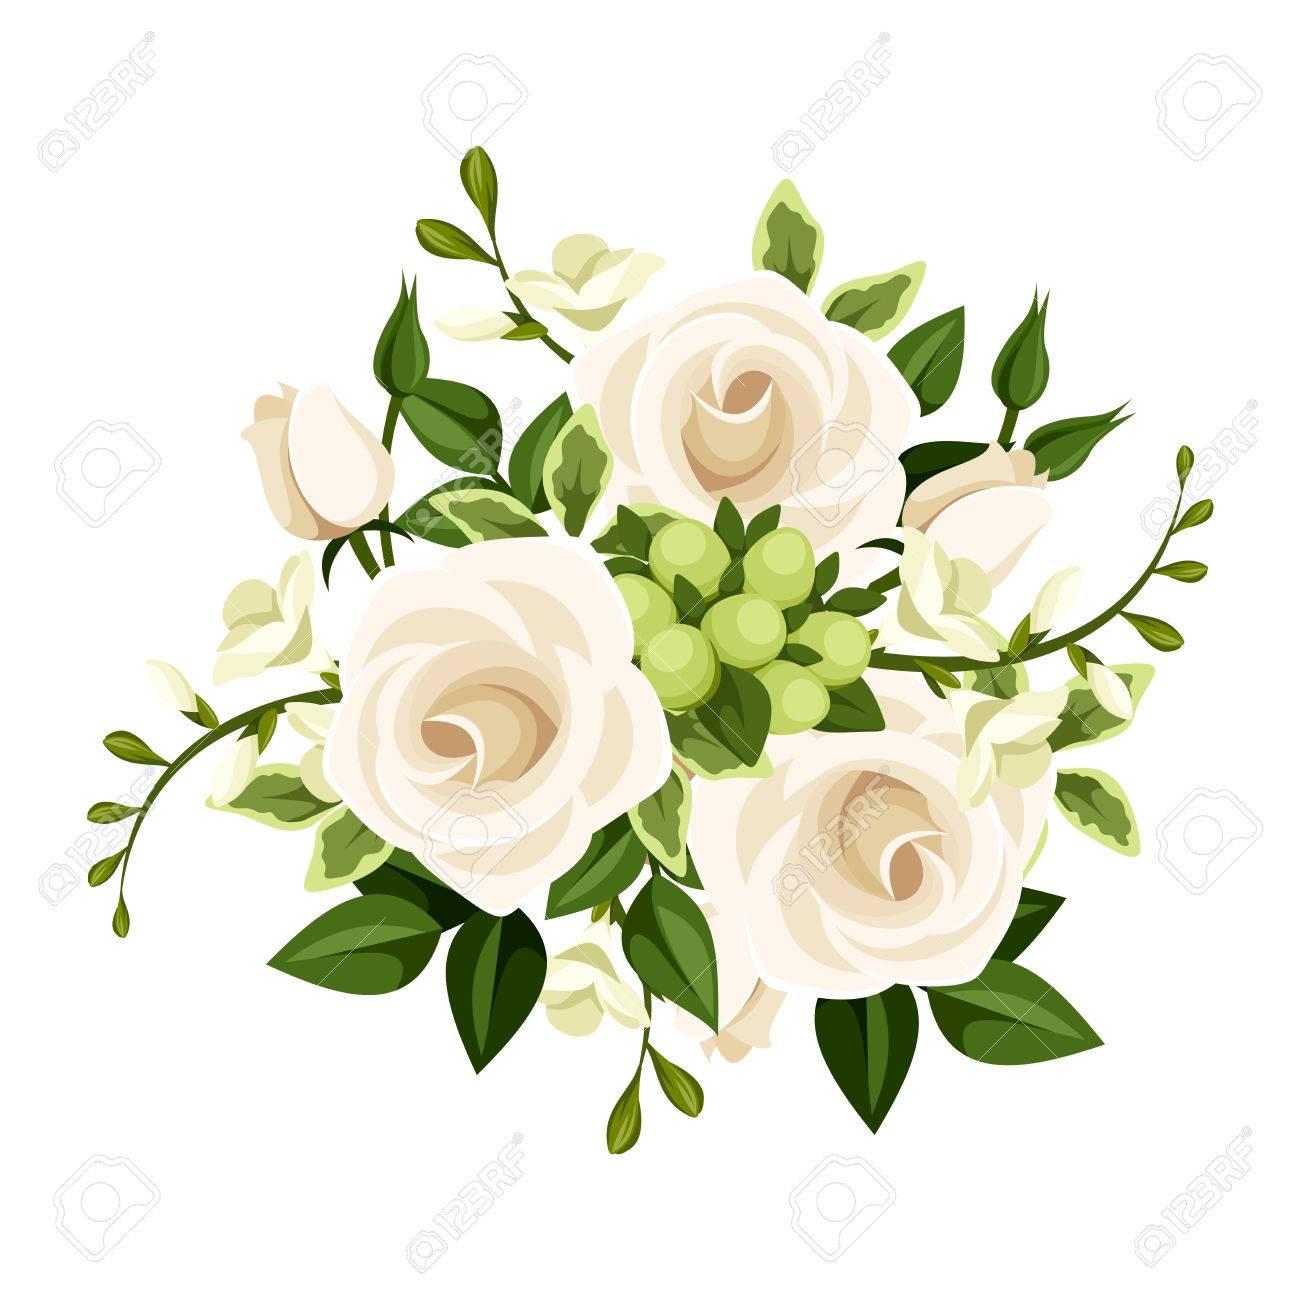 バラの花束白とフリージアの花イラストのイラスト素材ベクタ Image